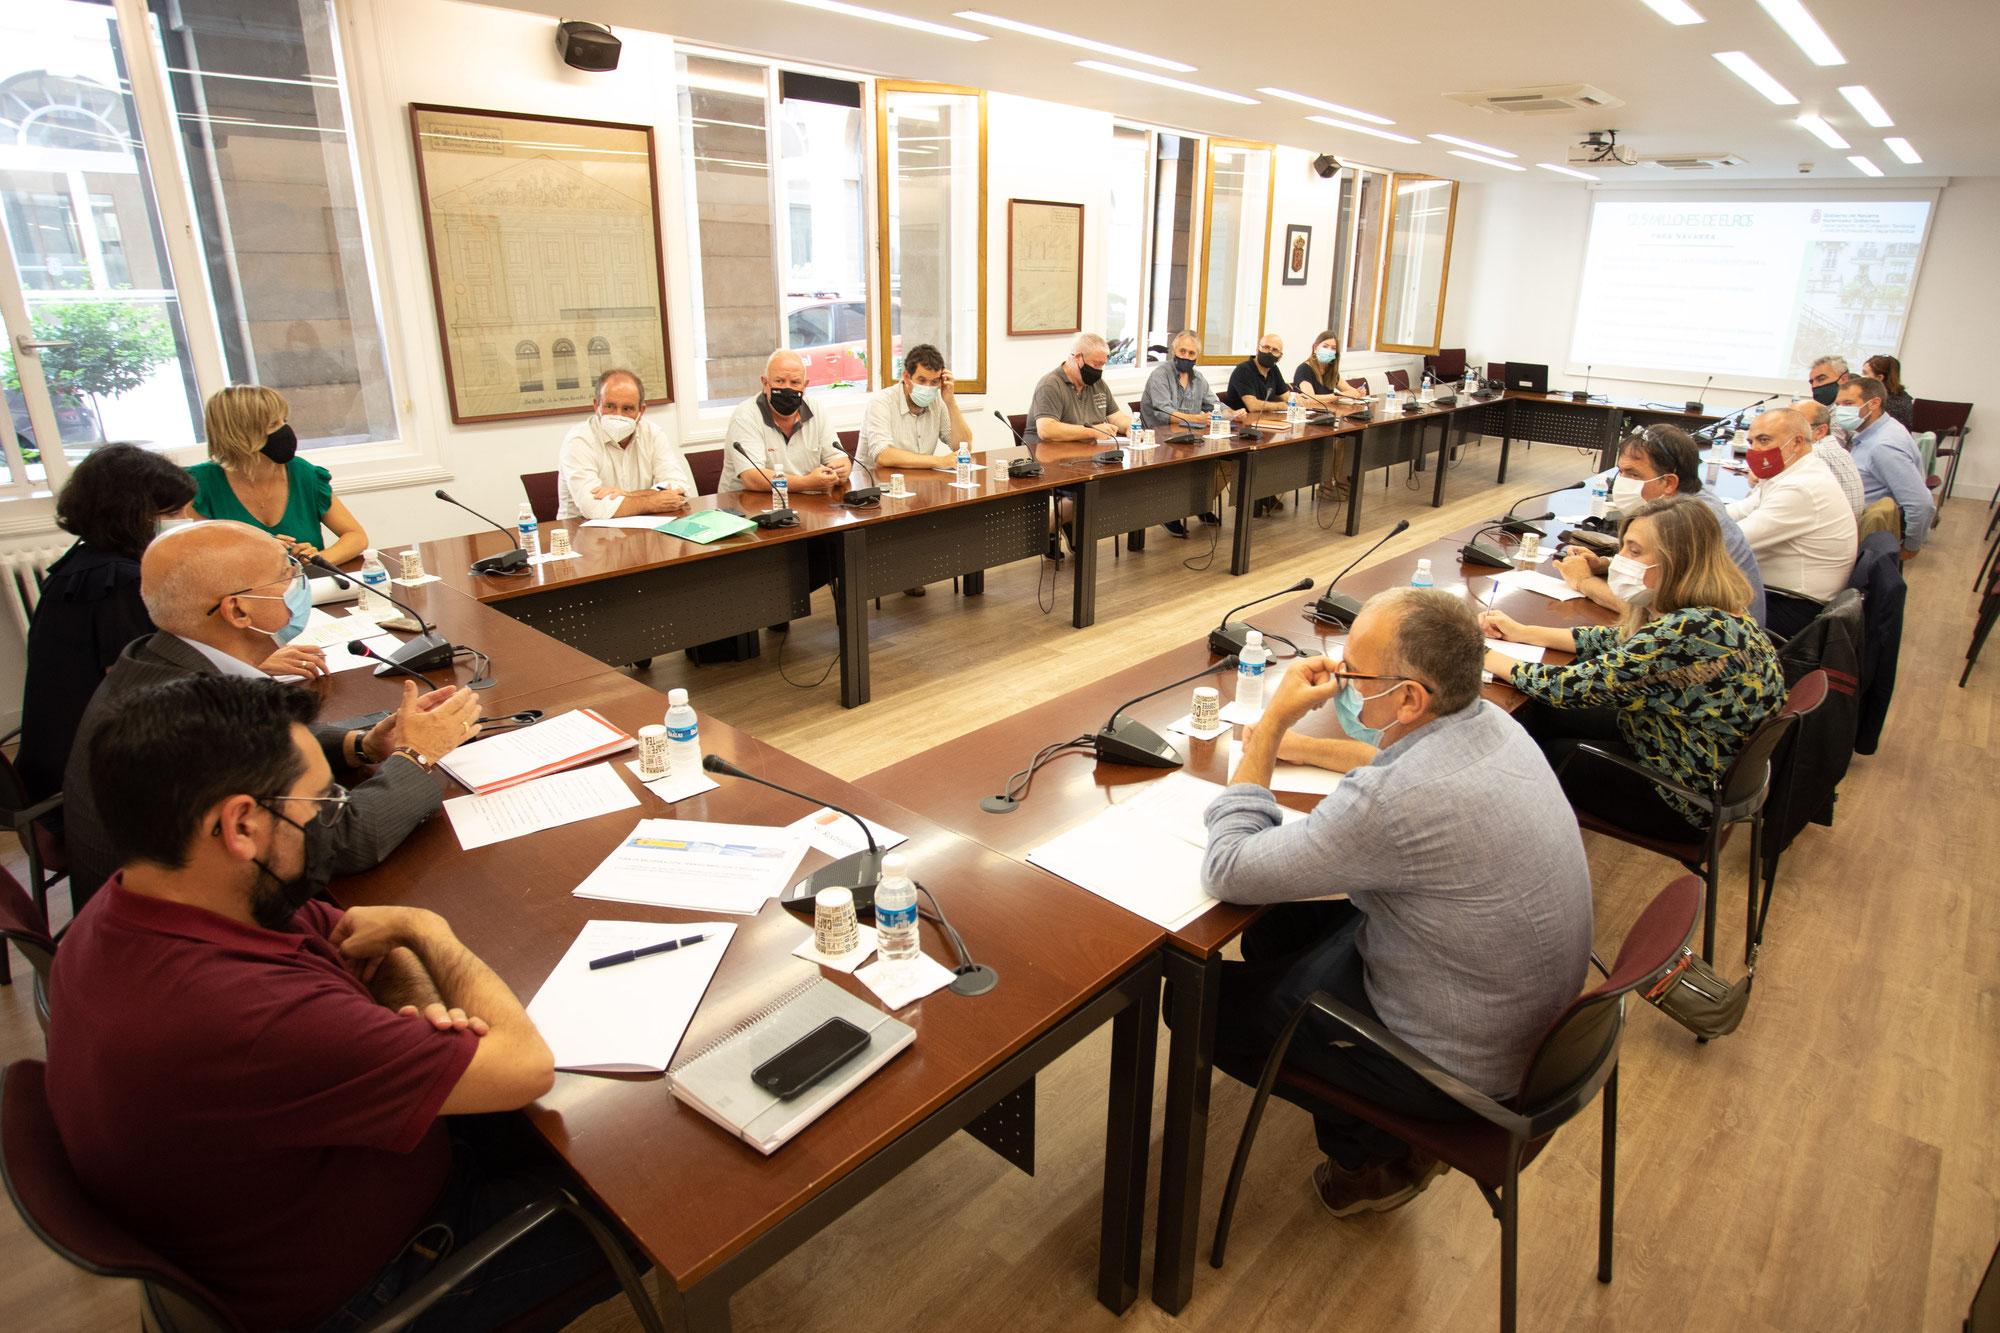 12,5 millones de euros para proyectos de movilidad sostenible en 18 ayuntamientos. Aquí, NADA